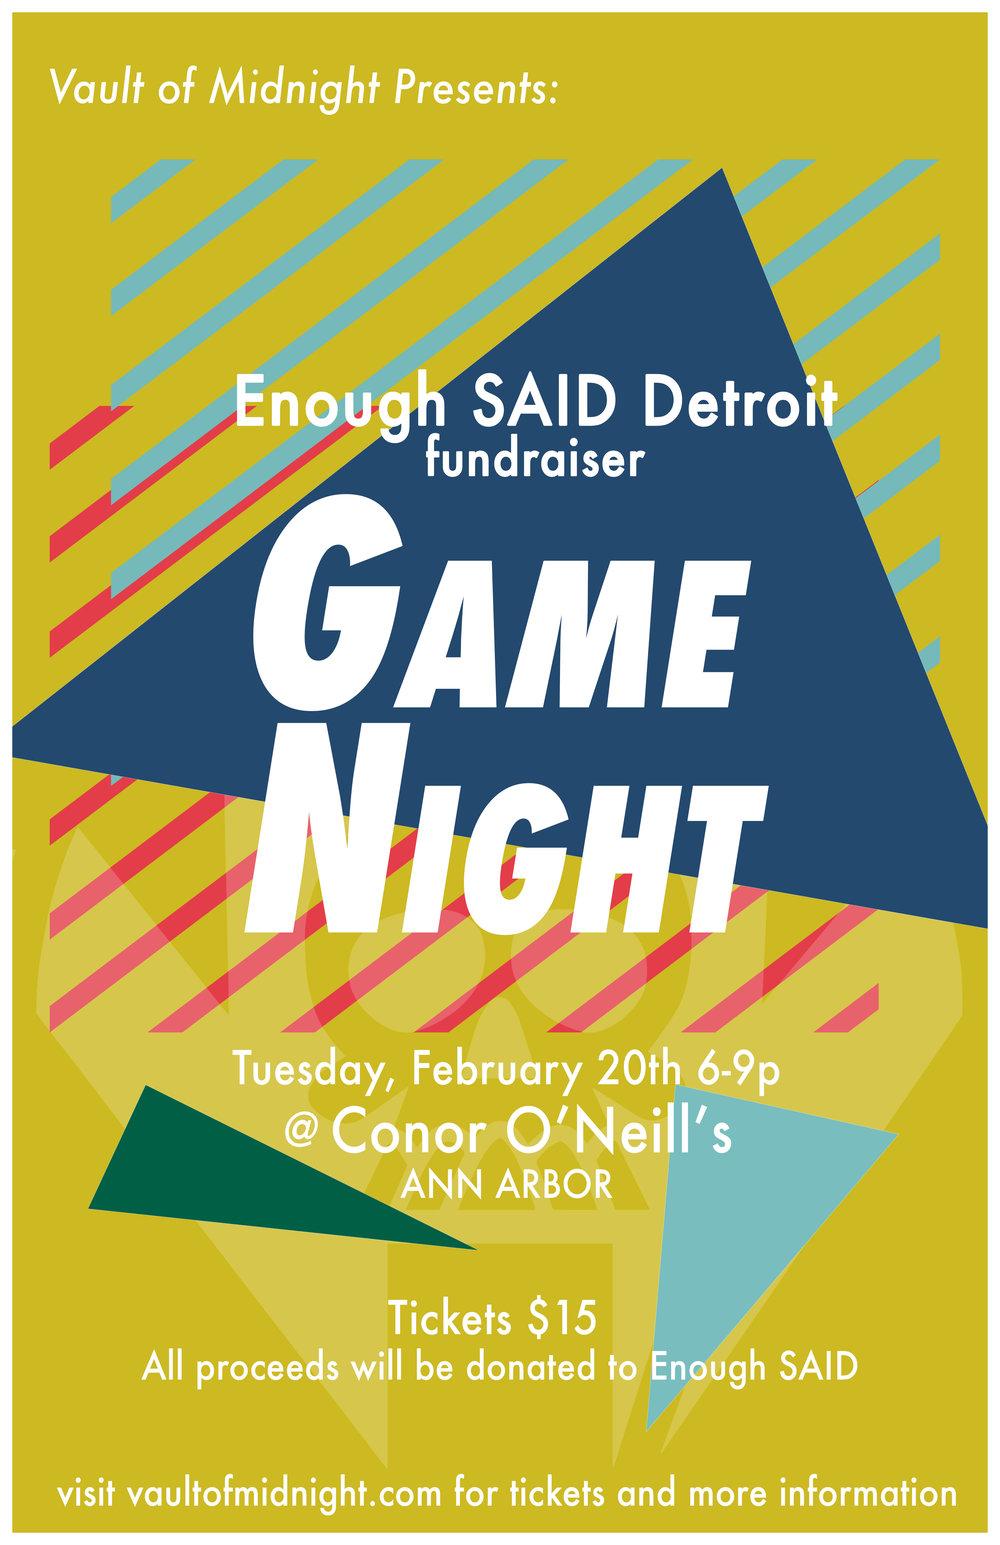 Enough SAID Game Night V4.jpg